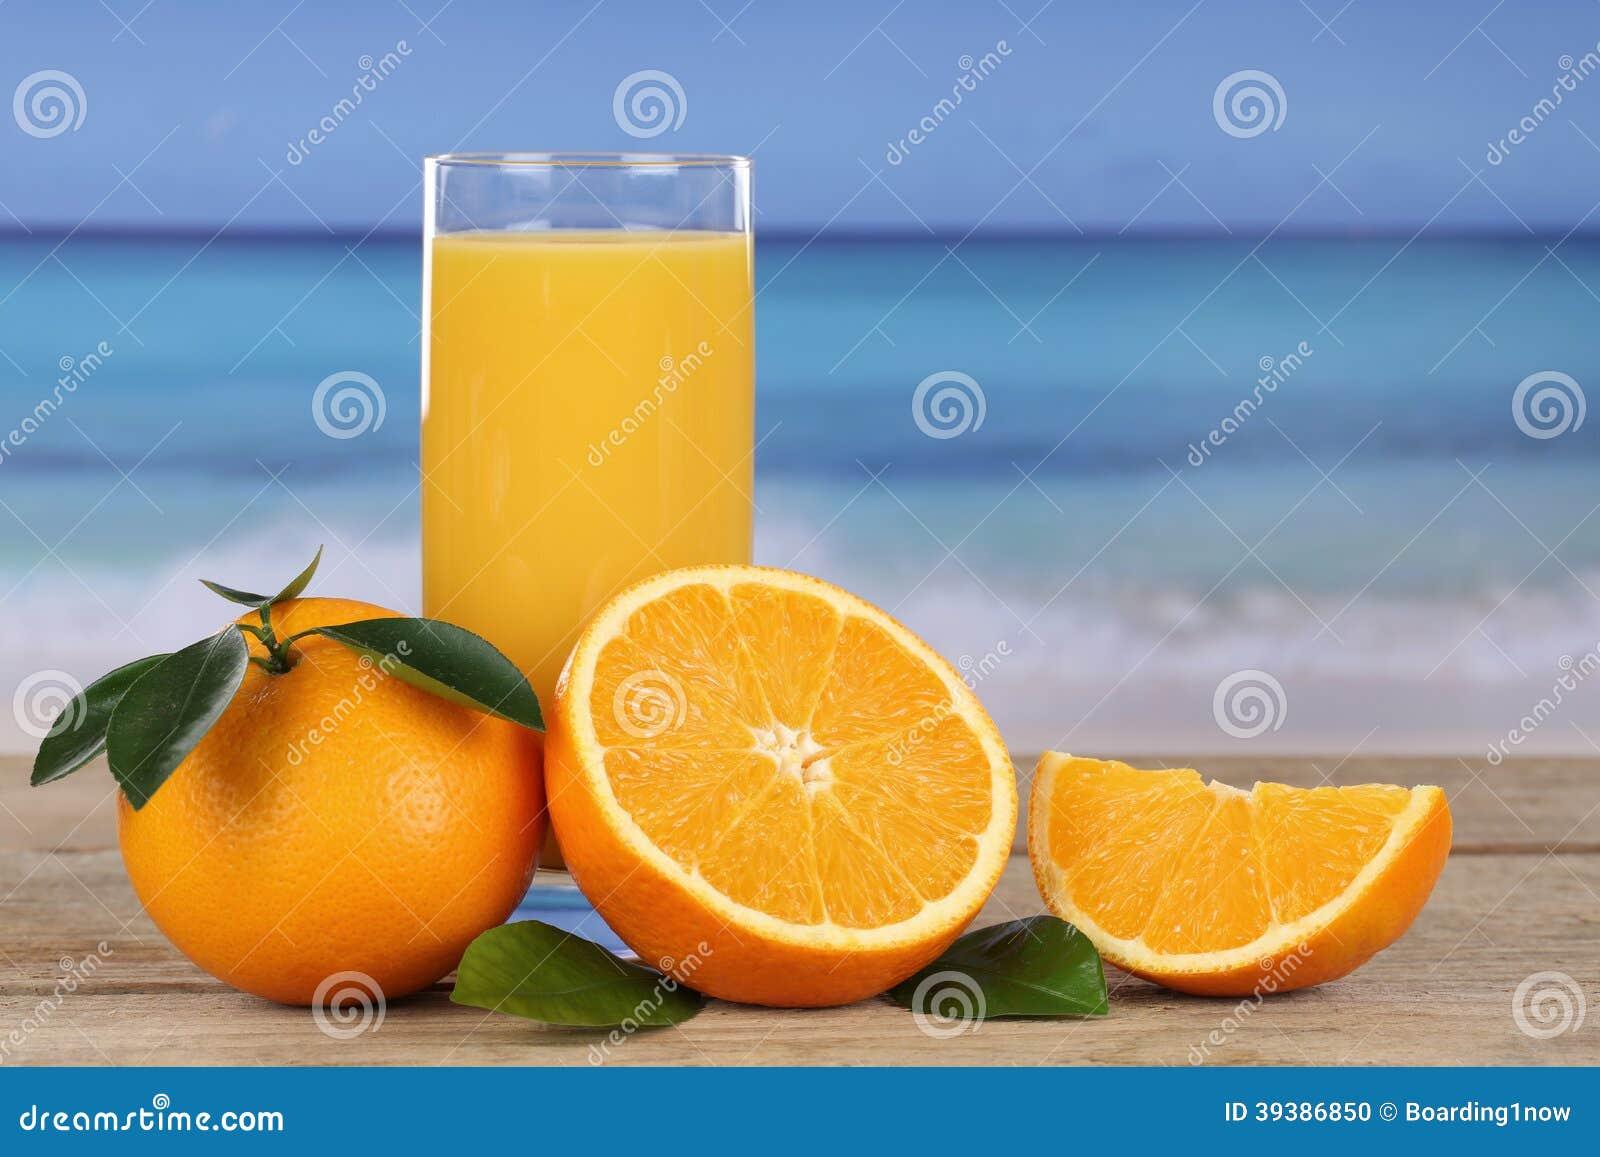 Χυμός από πορτοκάλι και πορτοκάλια στην παραλία